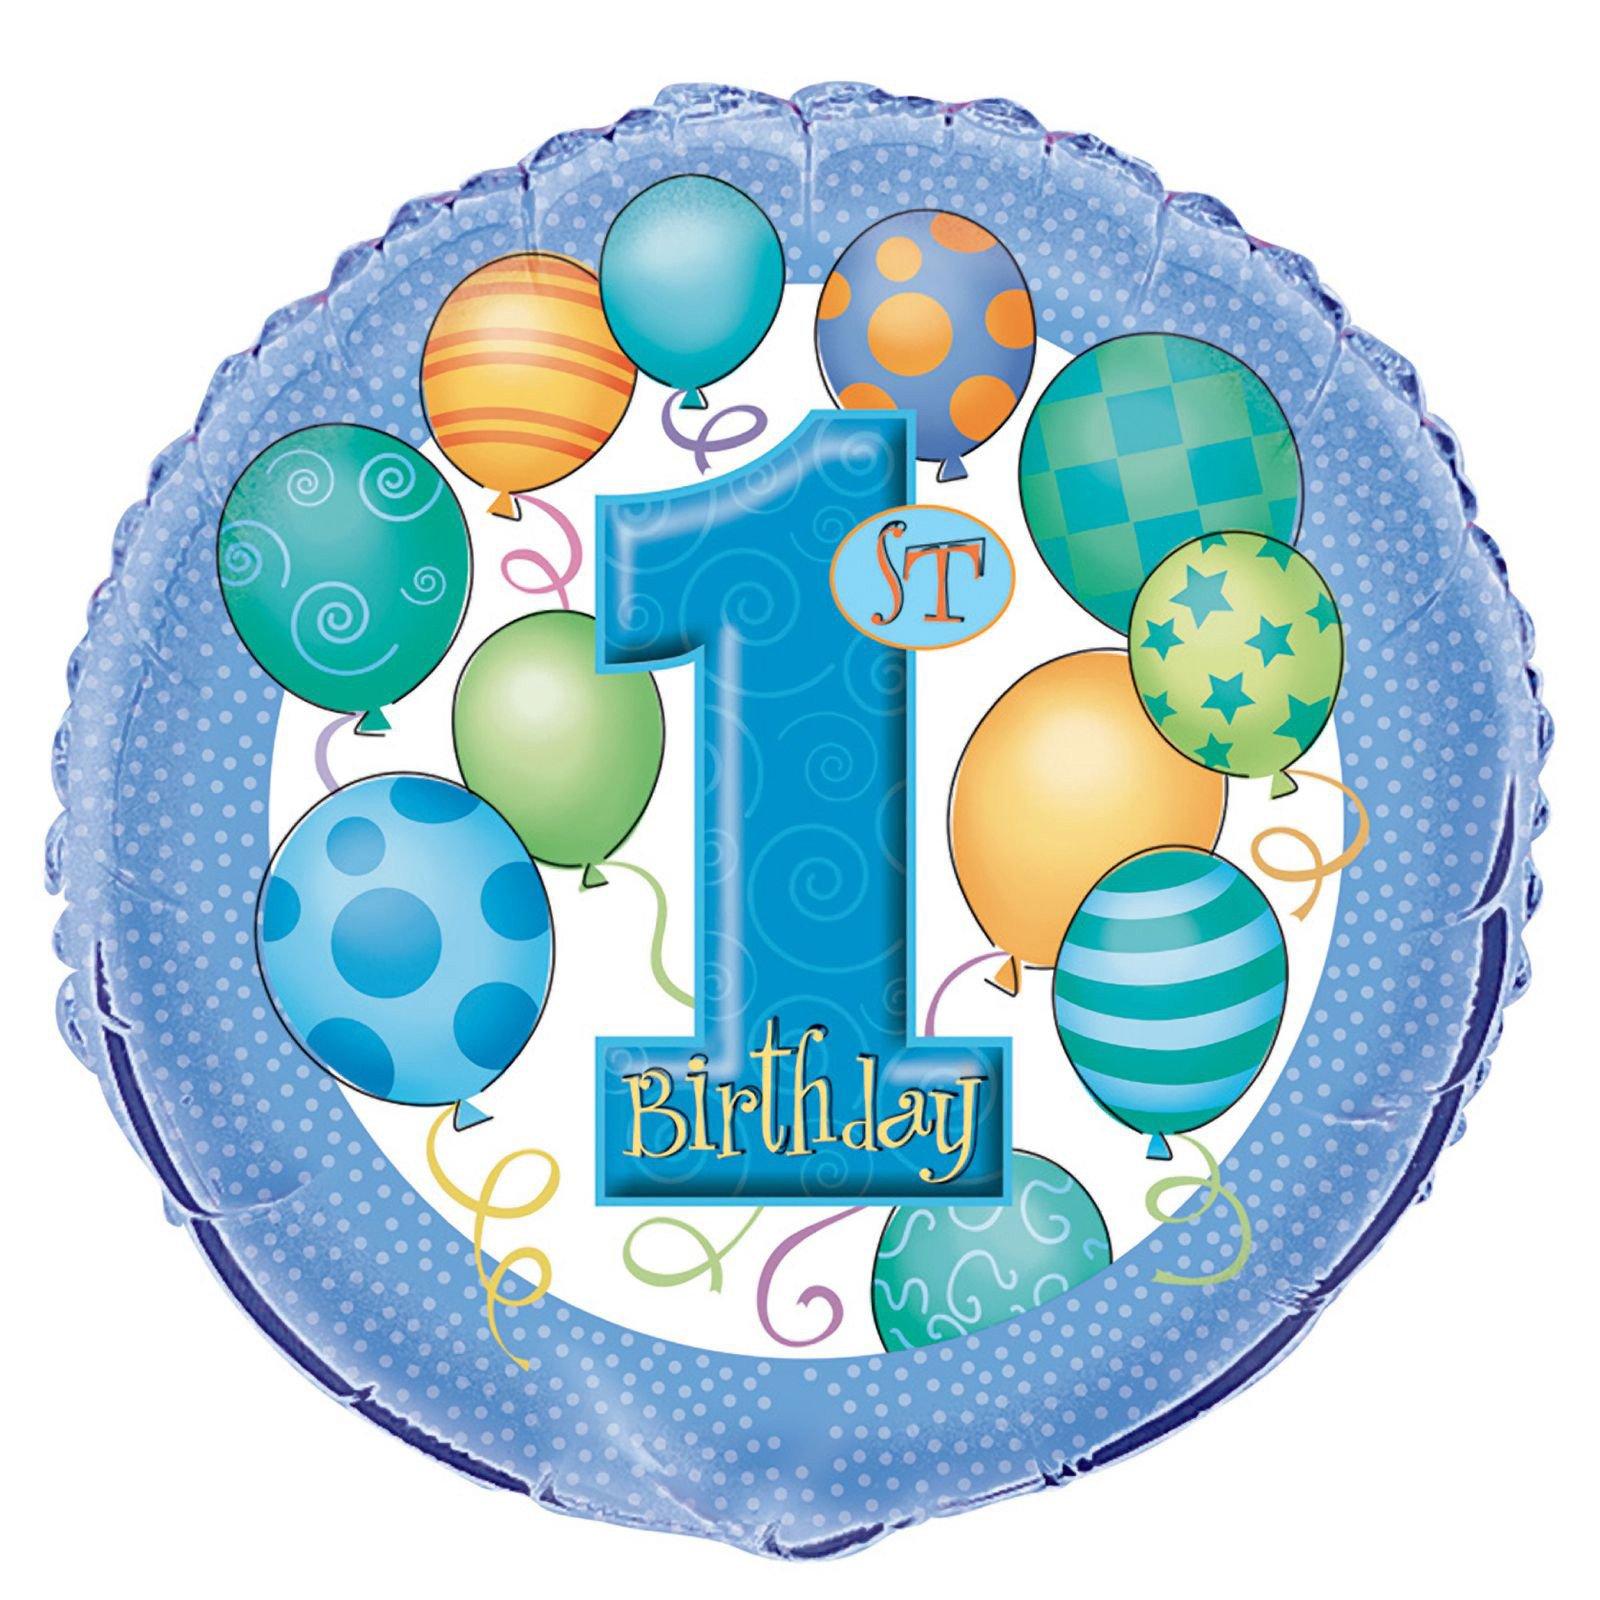 Happy Birthday Ideas - ClipArt